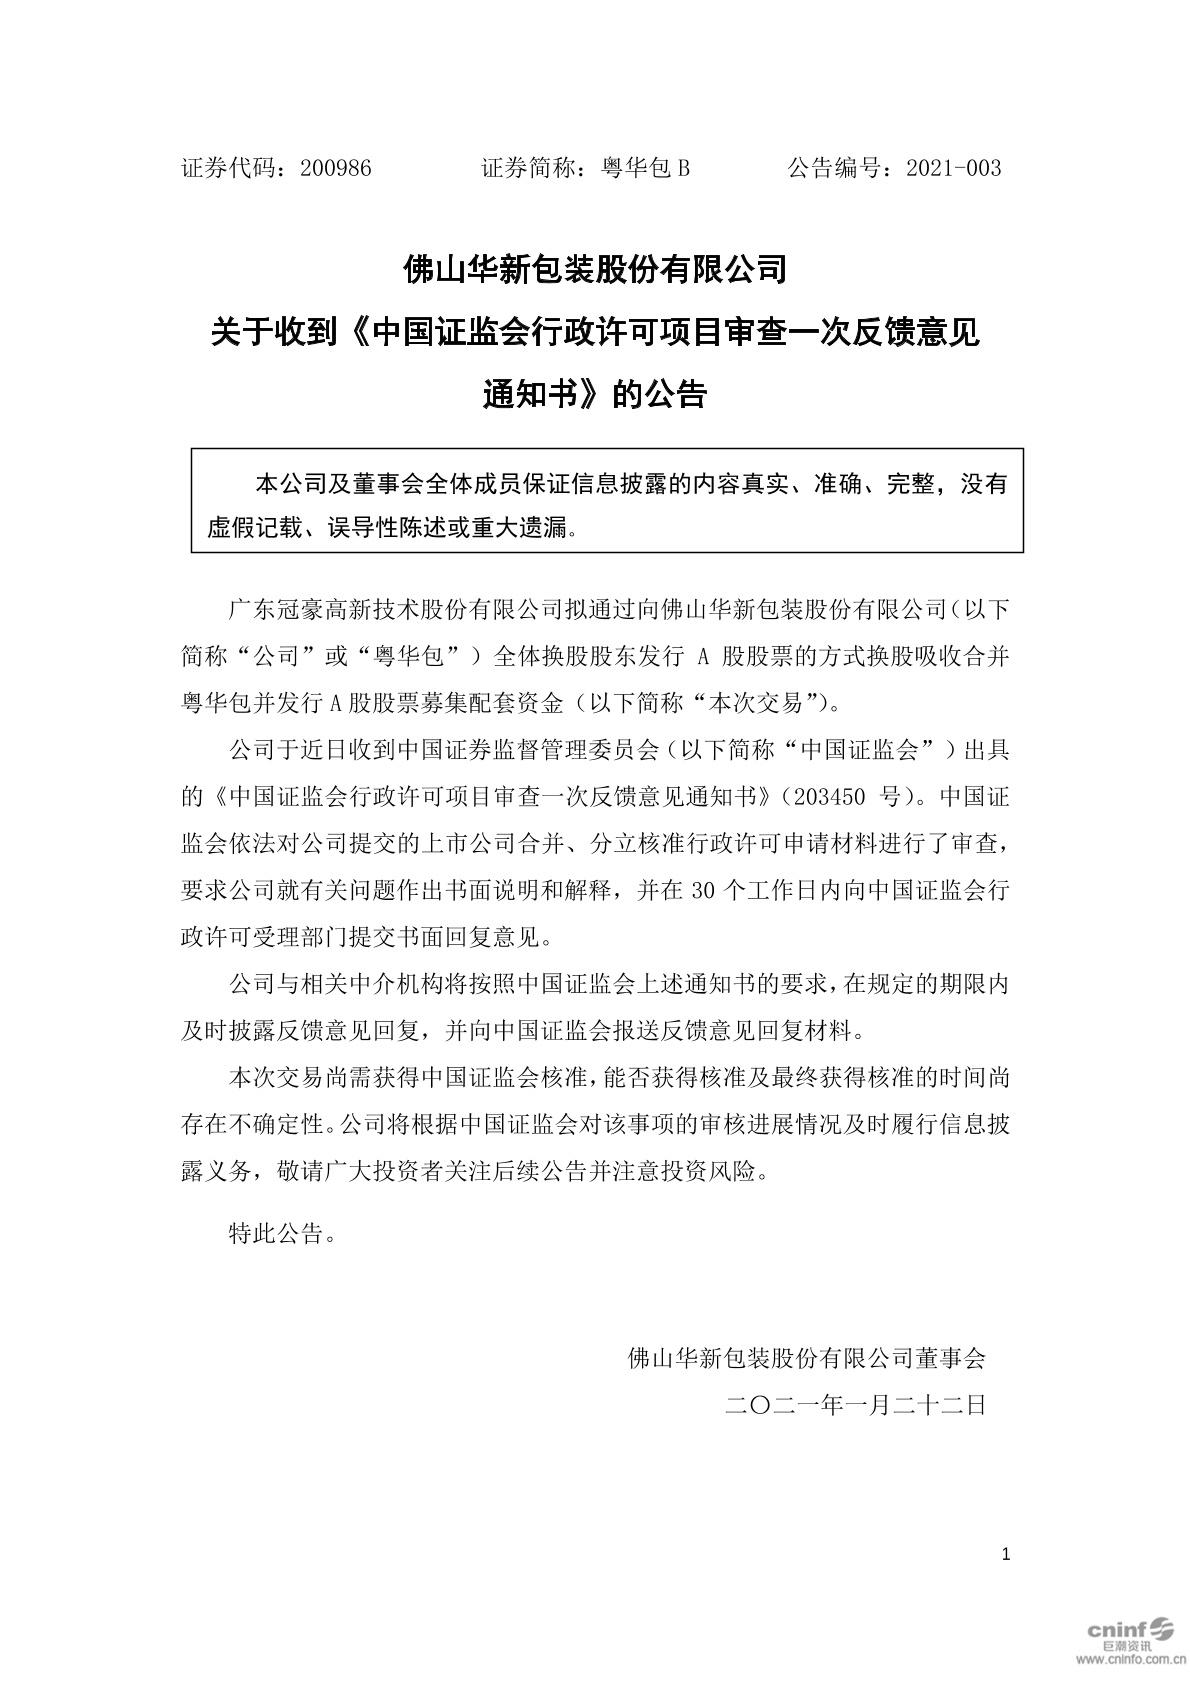 粤华包B:关于收到《中国证监会行政许可项目审查一次反馈意见通知书》的公告